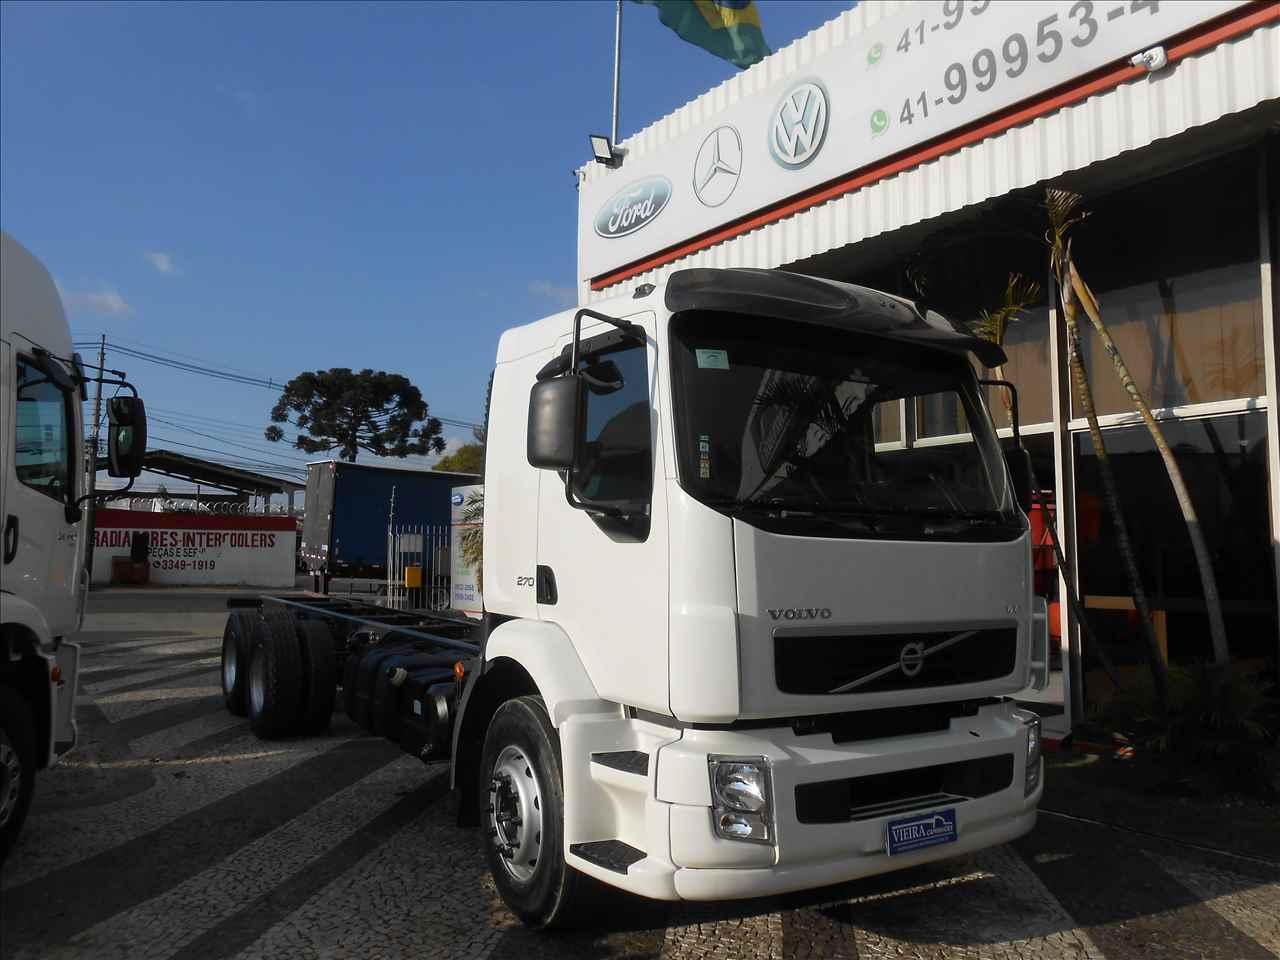 CAMINHAO VOLVO VOLVO VM 270 Chassis Truck 6x2 Vieira Caminhões CURITIBA PARANÁ PR